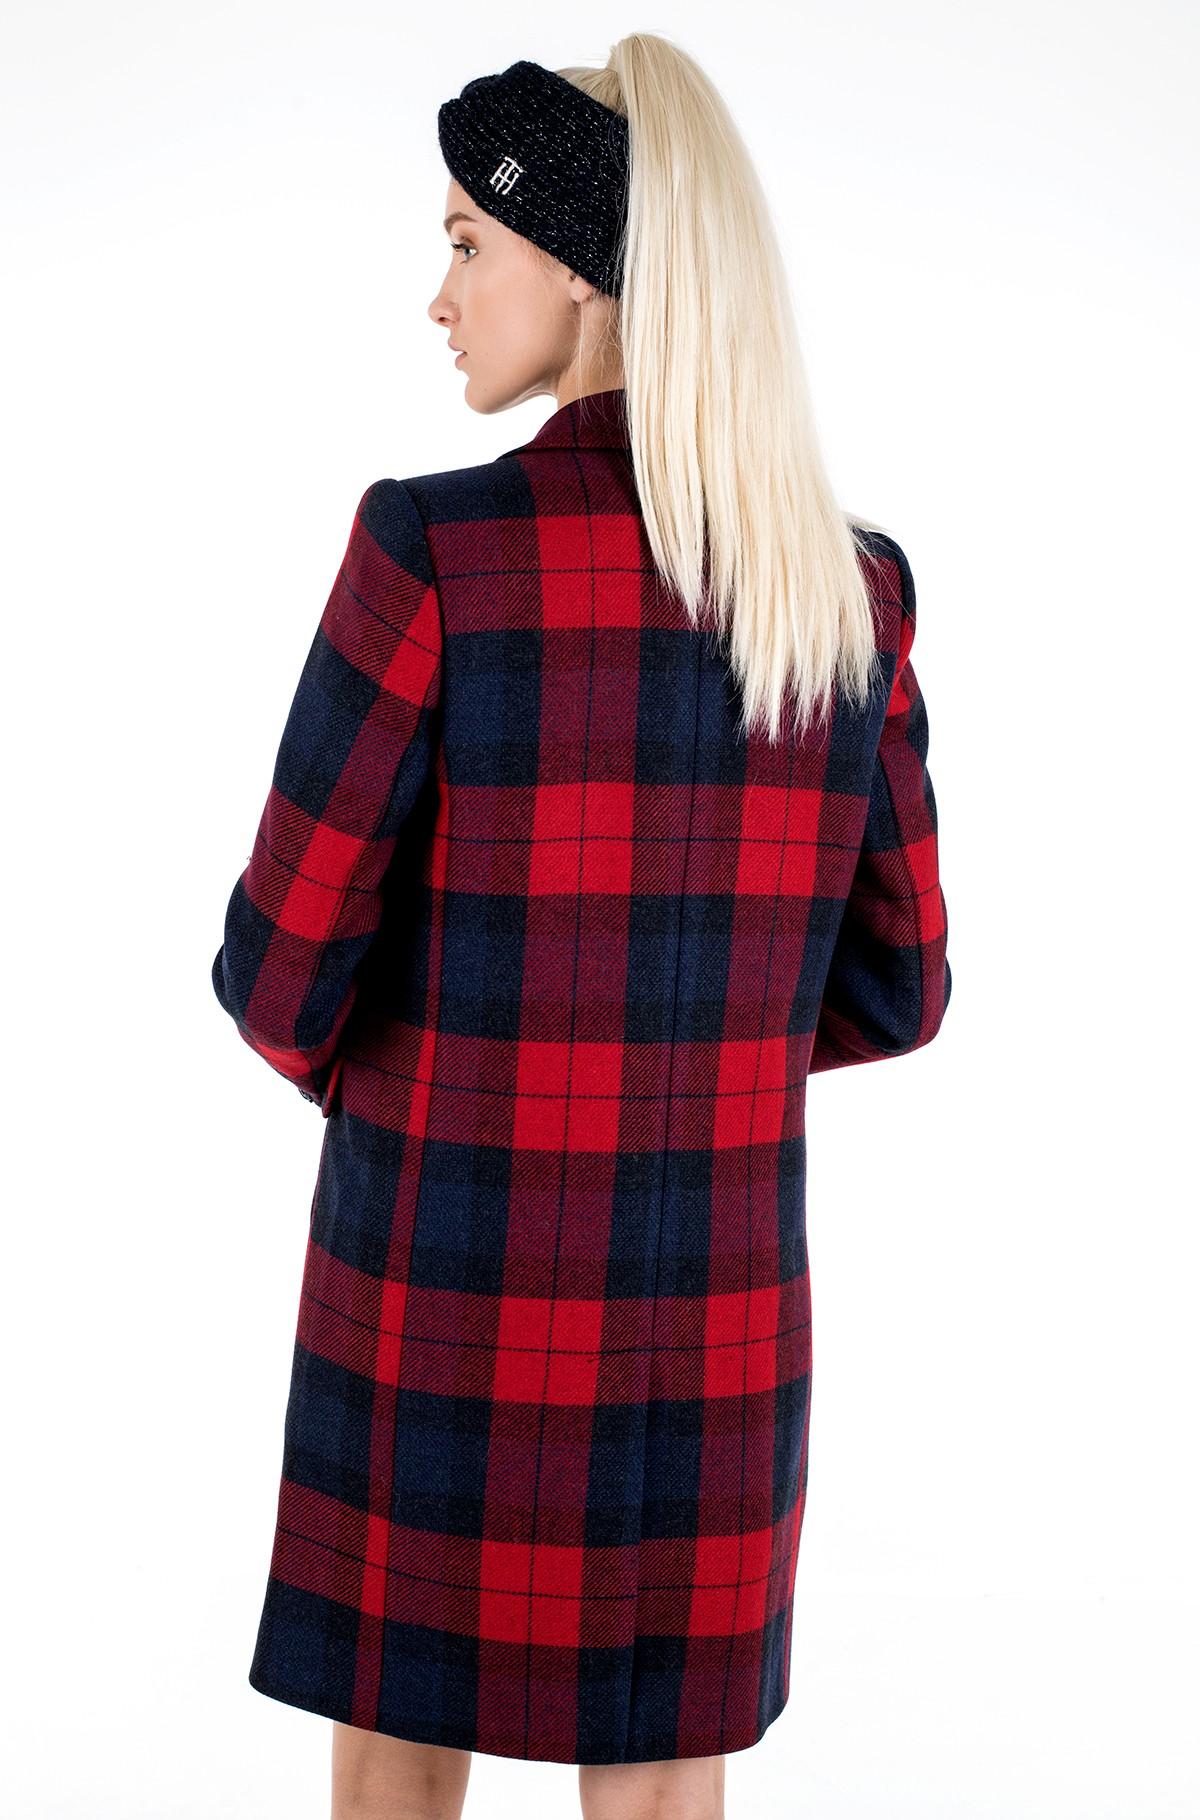 Mantel WOOL BLEND CHECK CLASSIC COAT-full-4